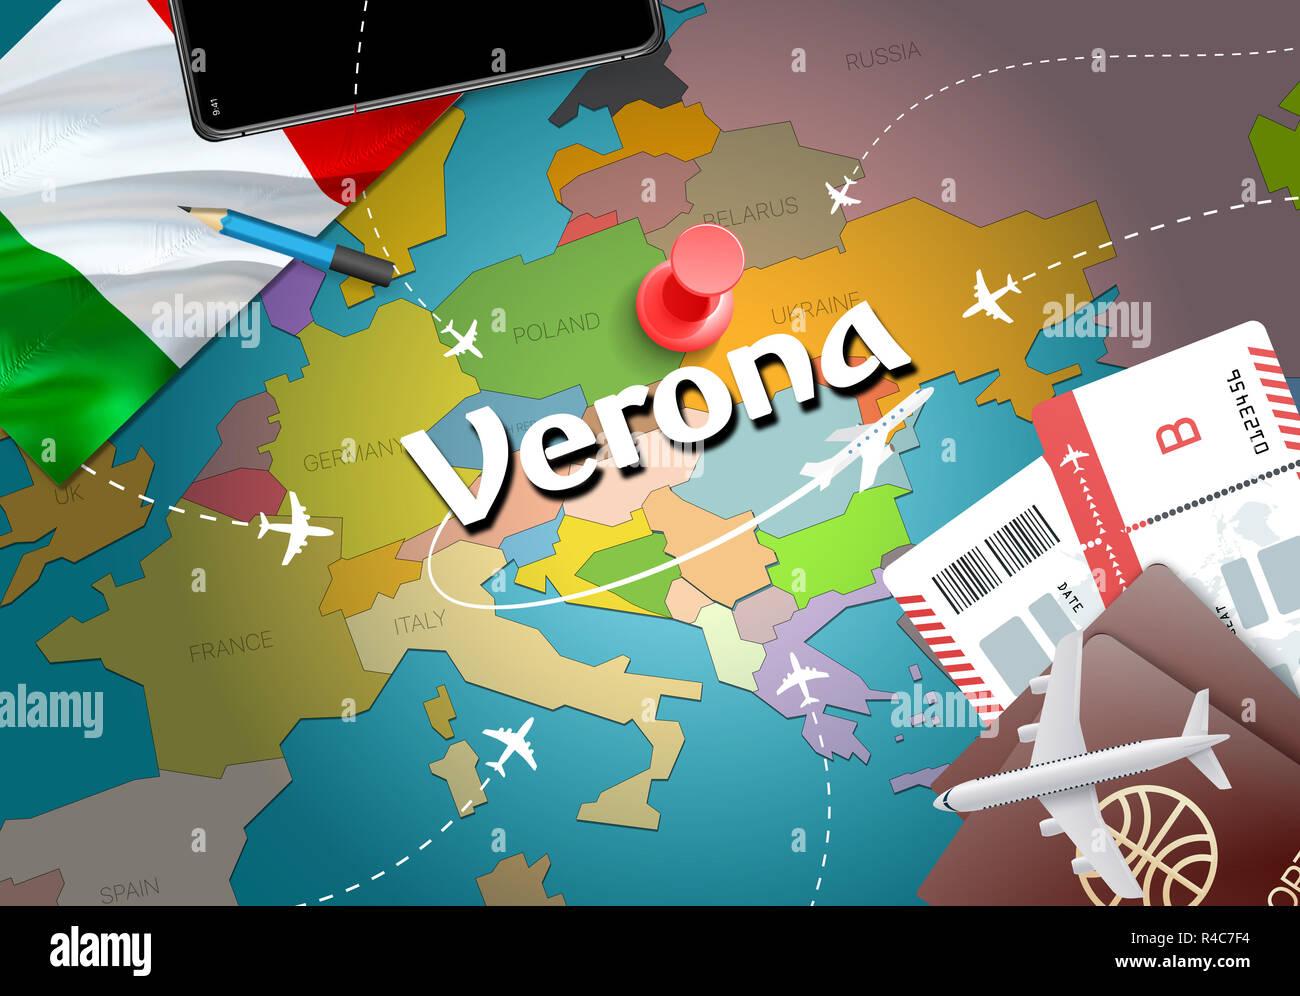 Mapa De Verona Italia.Verona City Travel And Tourism Destination Concept Italy Flag And Verona City On Map Italy Travel Concept Map Background Tickets Planes And Flights Stock Photo Alamy